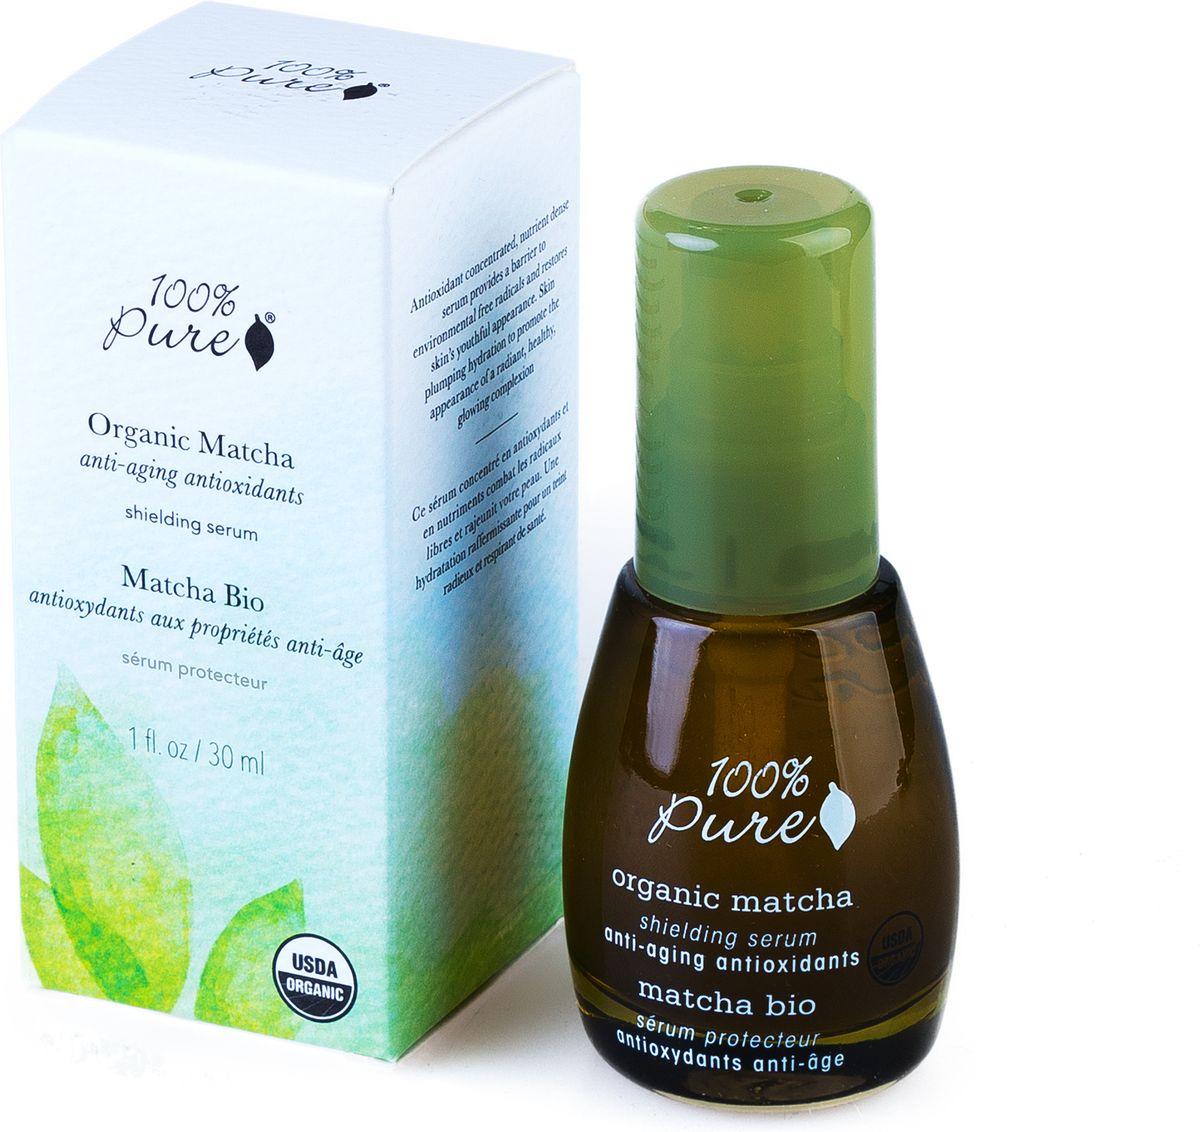 100% Pure Коллекция Зелёный Чай Matcha: Органическая защитная сыворотка для лица. 30 мл1FMOMSSМУЛЬТИВИТАМИНЫ И АТНИОКСИДАНТЫ. Антиоксидантная сыворотка, богатая питательными веществами, блокирует свободные радикалы и восстанавливает поврежденную кожу. Увлажняет и подтягивает для придания Вашей коже здорового и сияющего вида. Сертификация USDA organic.